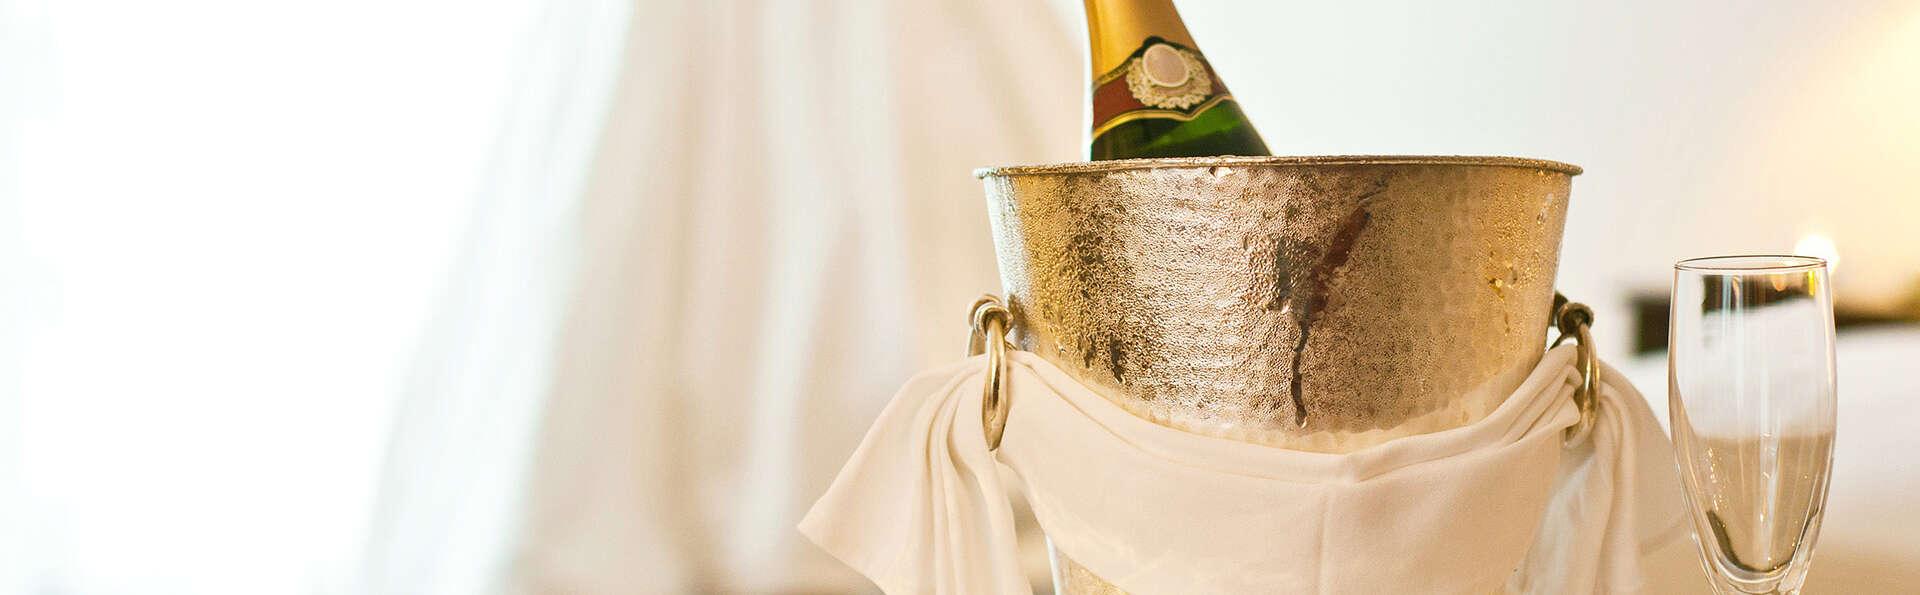 Escapade romantique avec dîner et demi-bouteille de champagne à Collioure